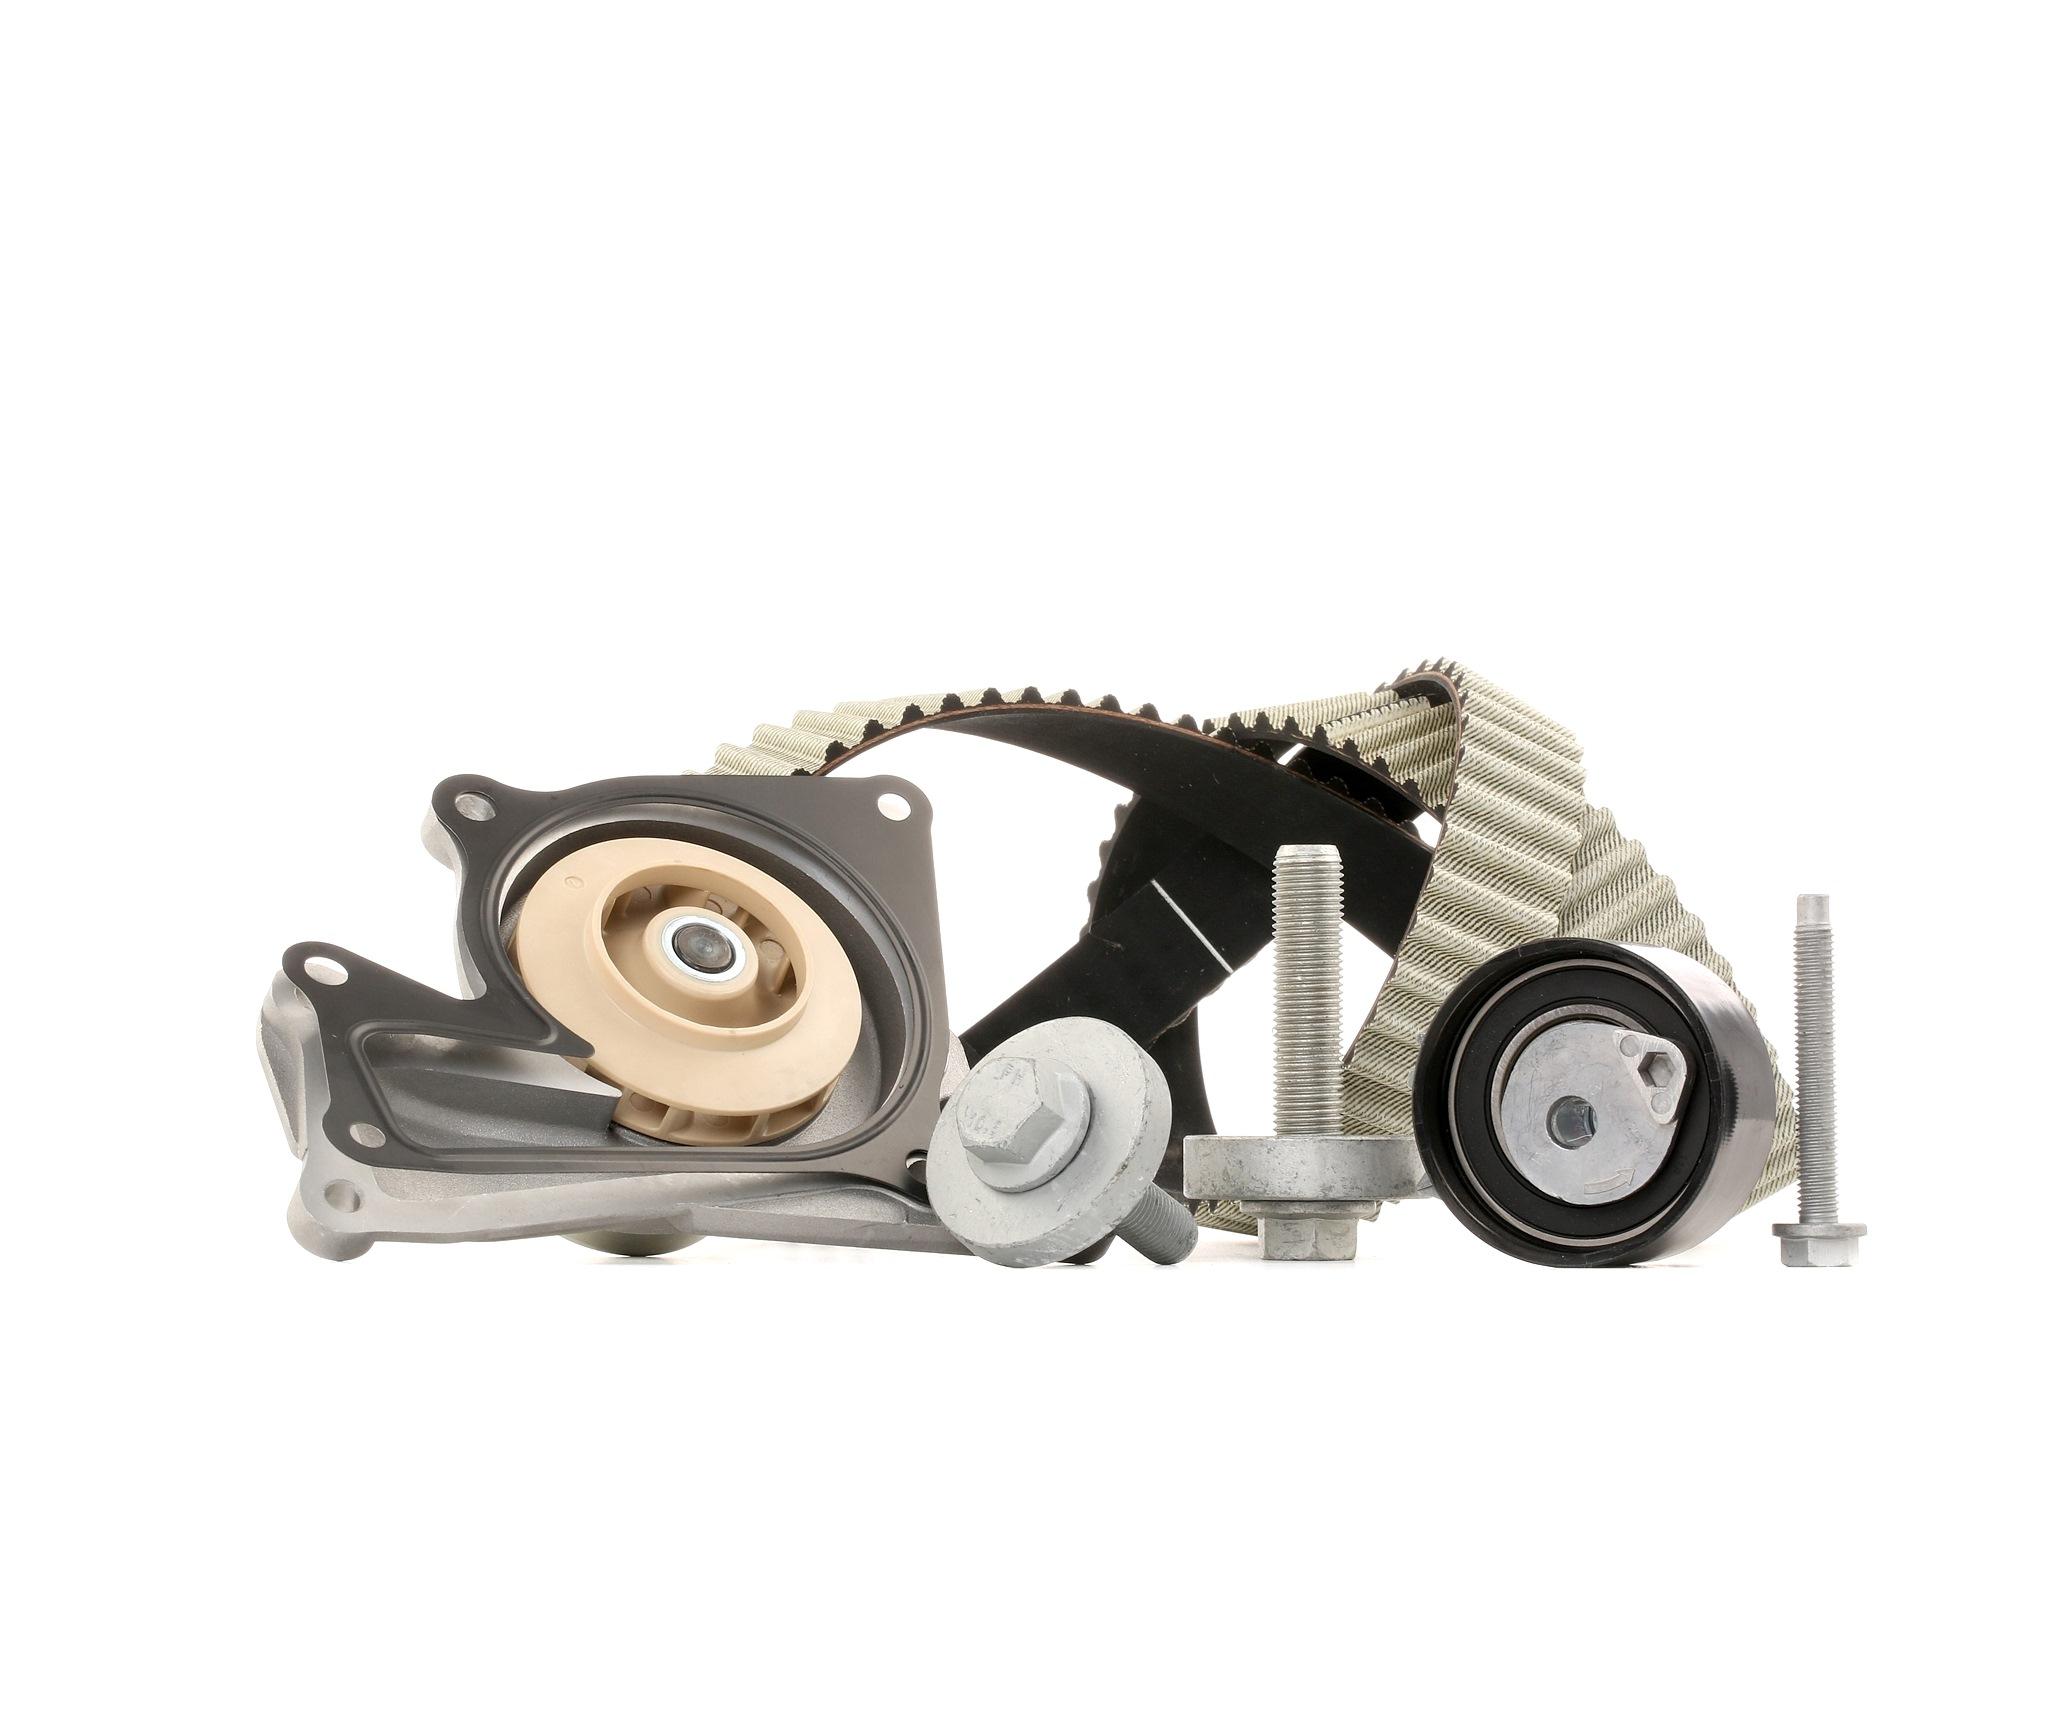 Zahnriemensatz mit Wasserpumpe RIDEX 3096W0064 Bewertung